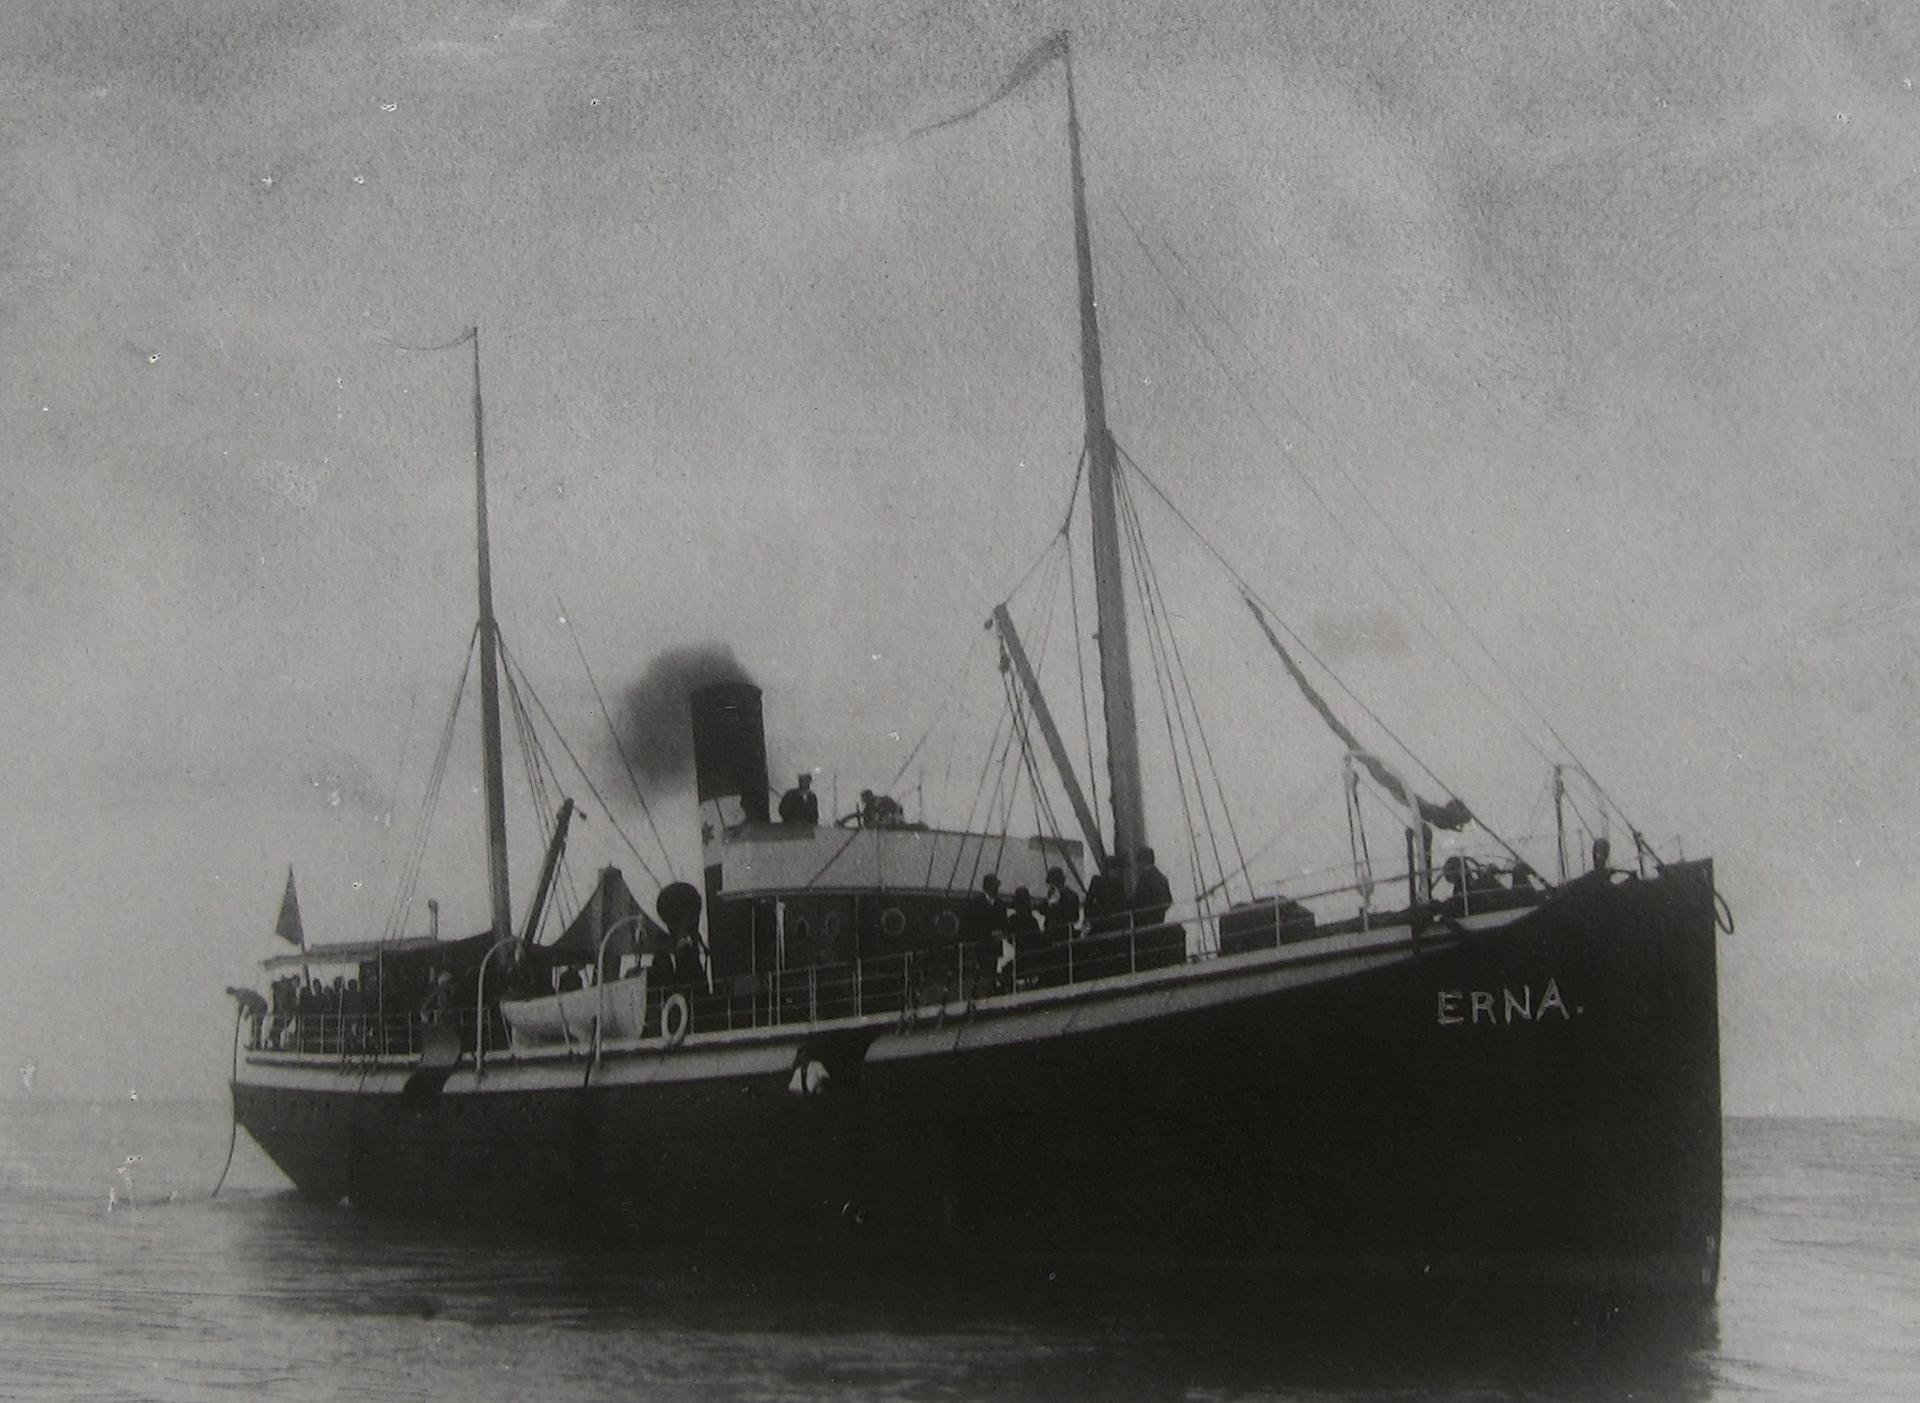 SS Erna - Det Østbornholmske Dampskibsselskabs første skib - ca. 1880